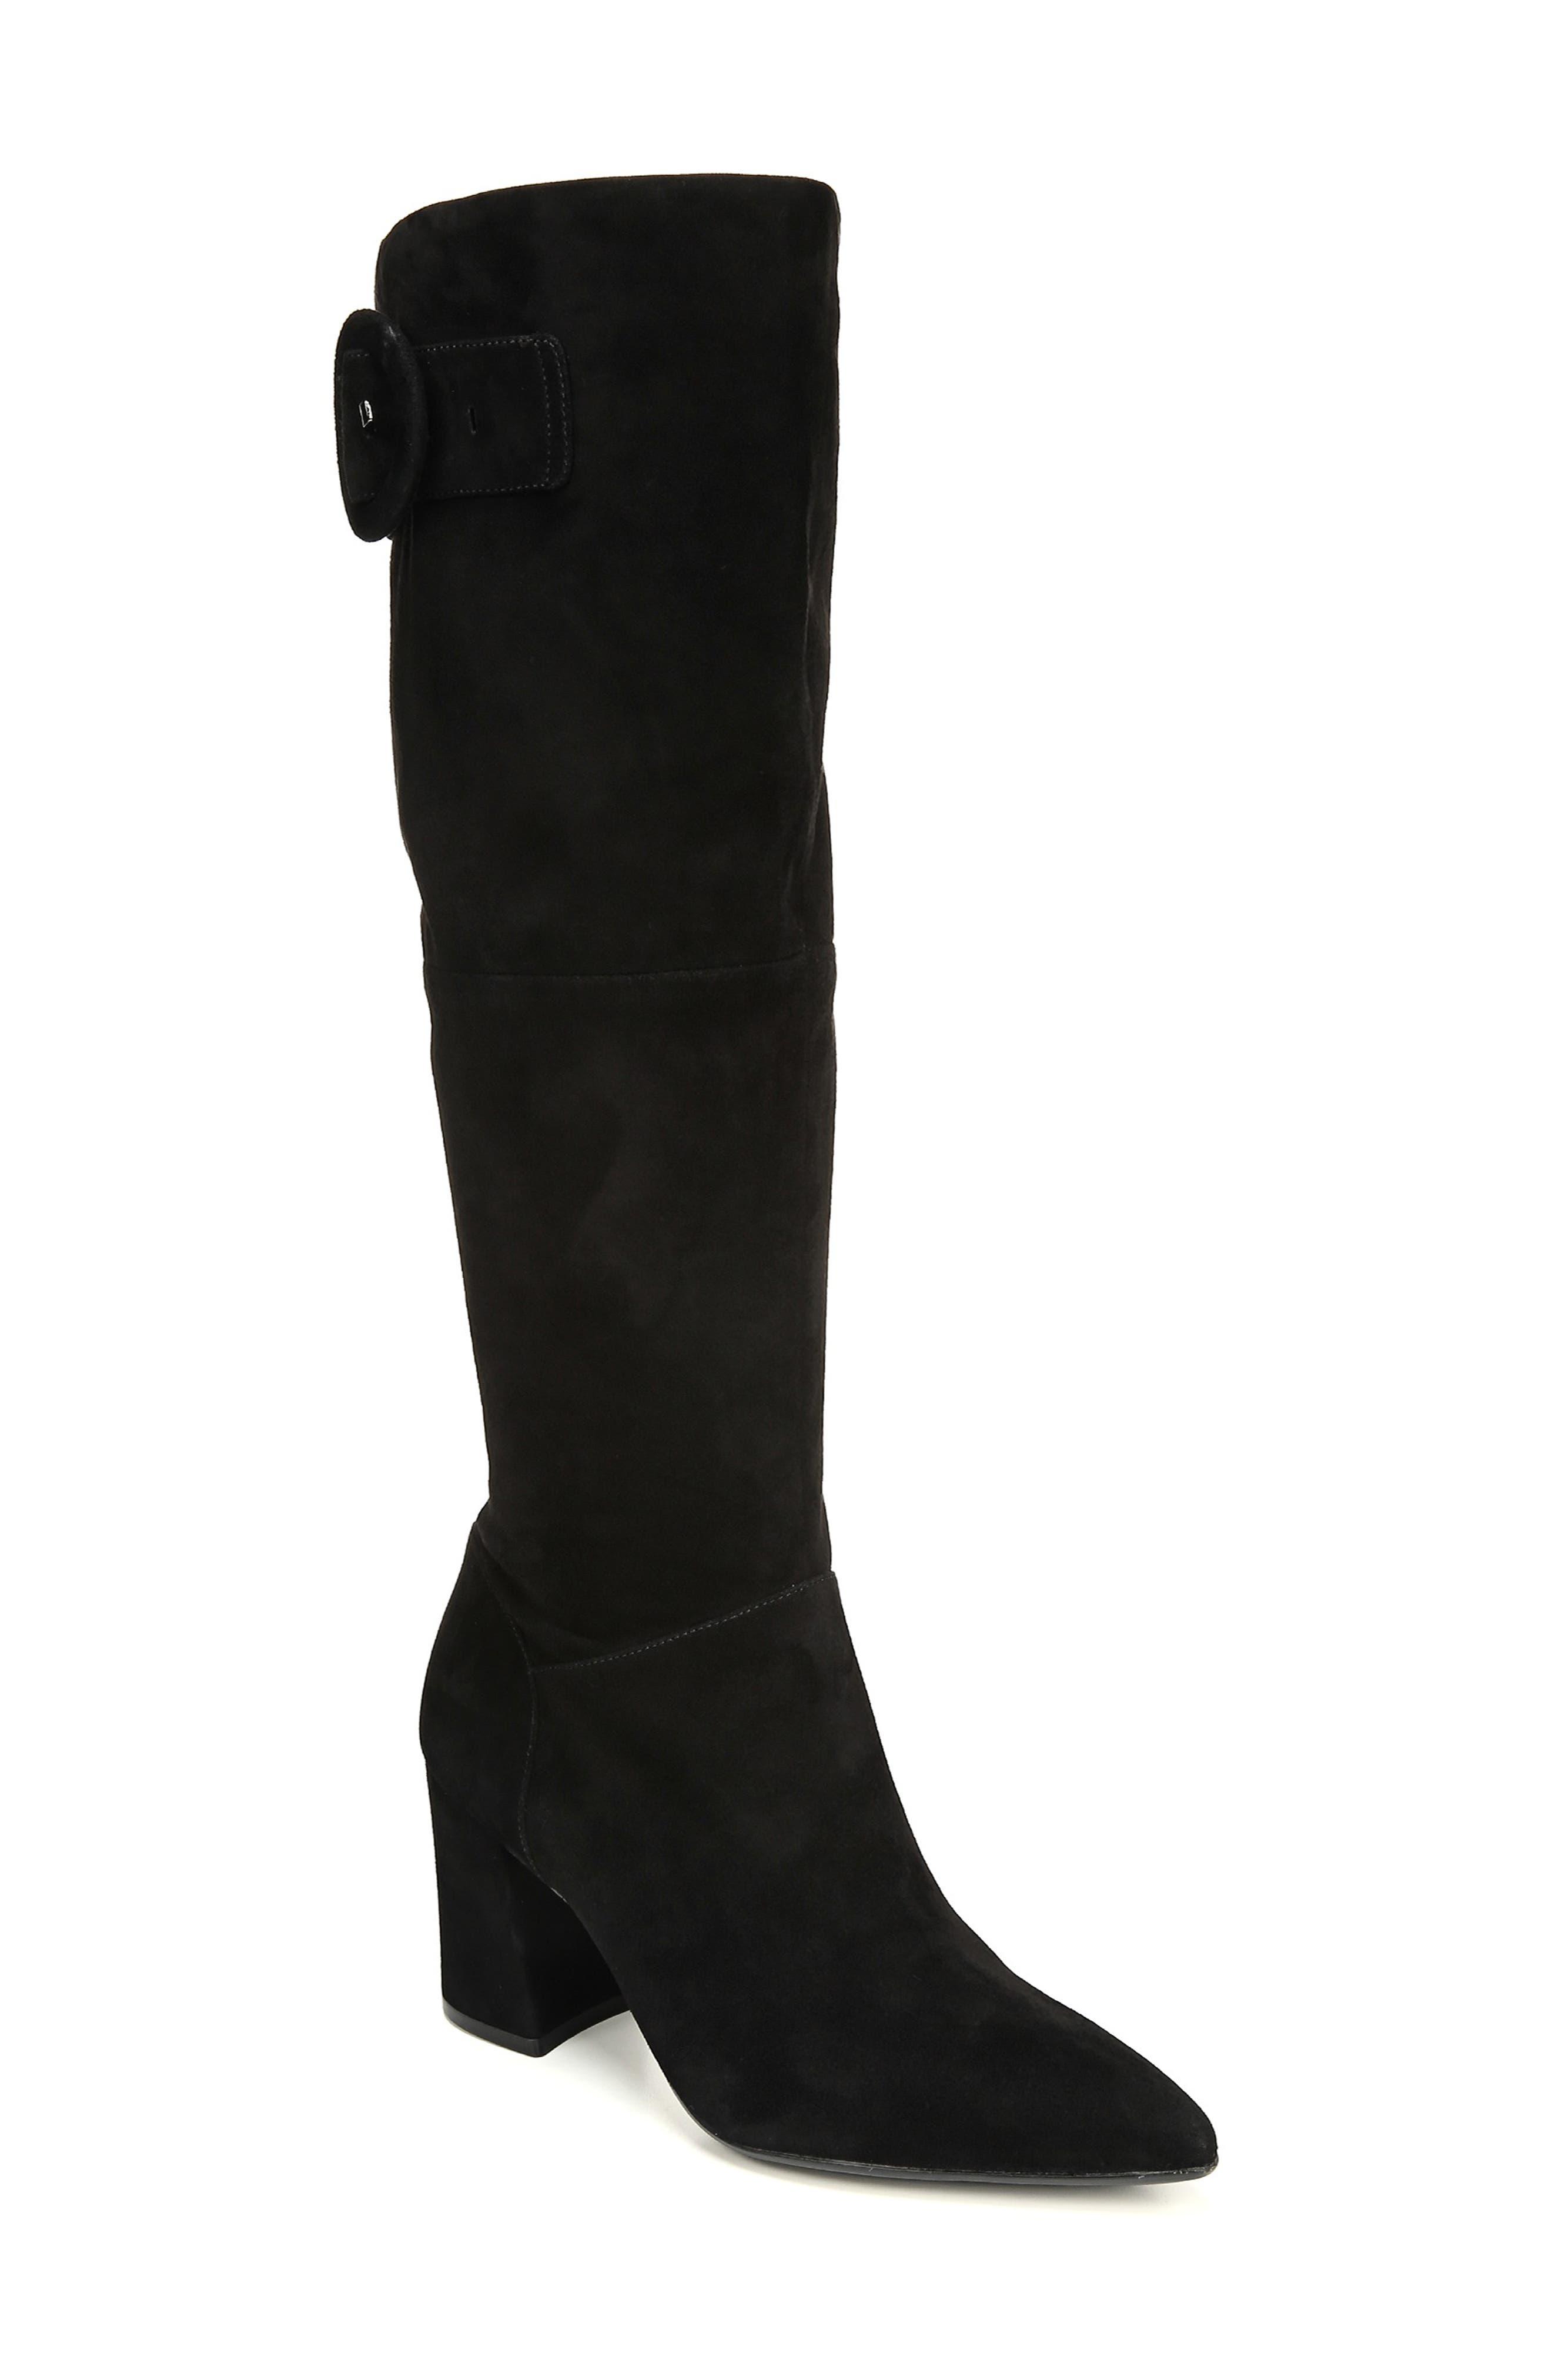 Naturalizer Harlowe Boot, Wide Calf- Black